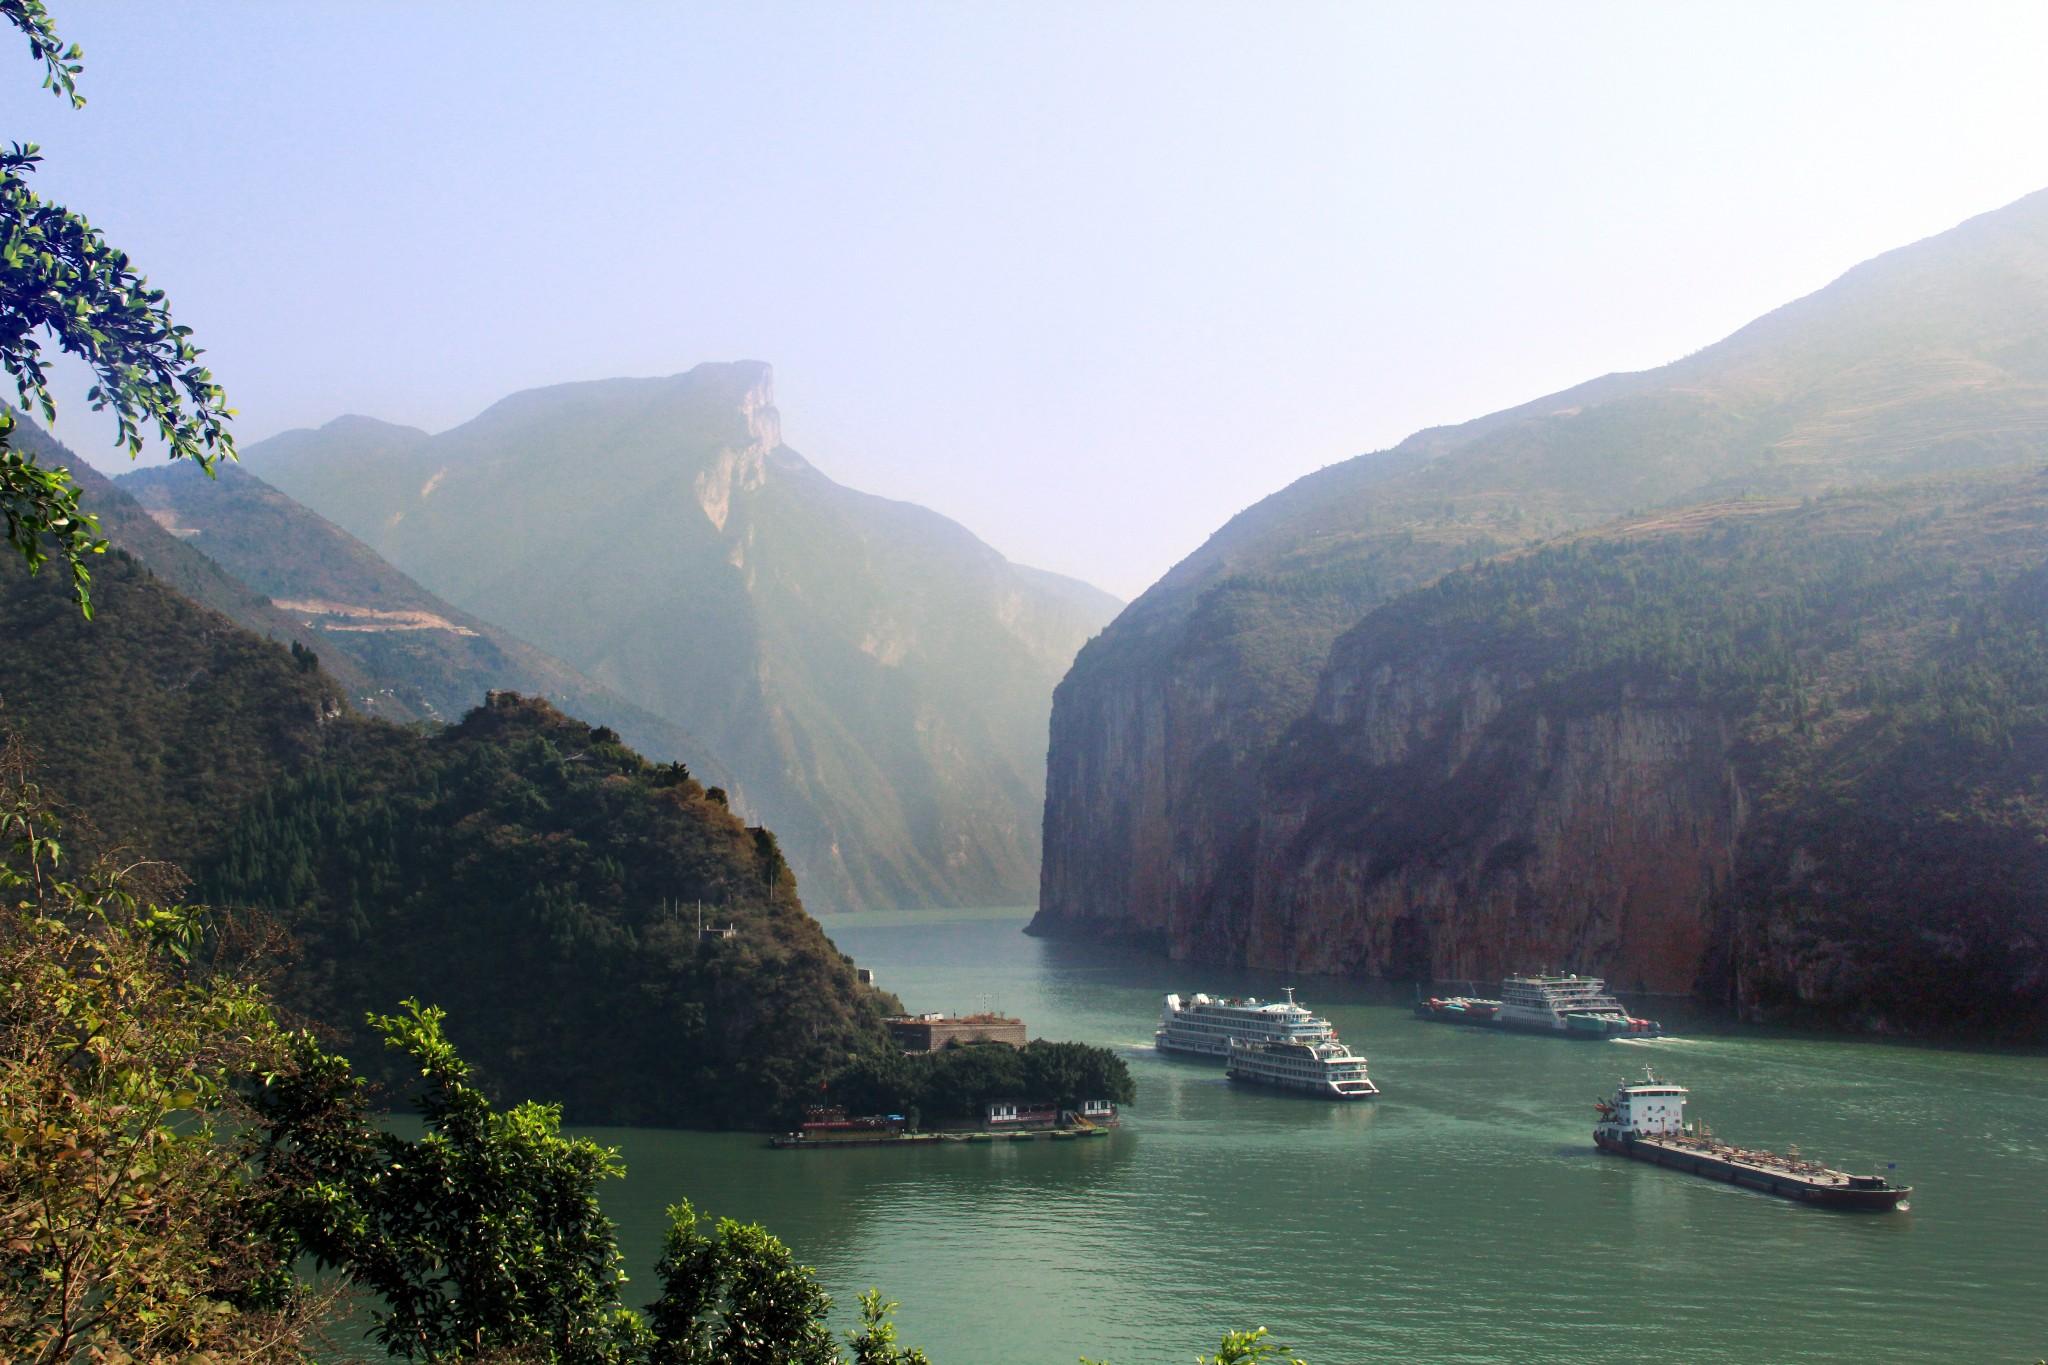 从重庆到宜昌,尽览当代长江三峡风貌                         画者